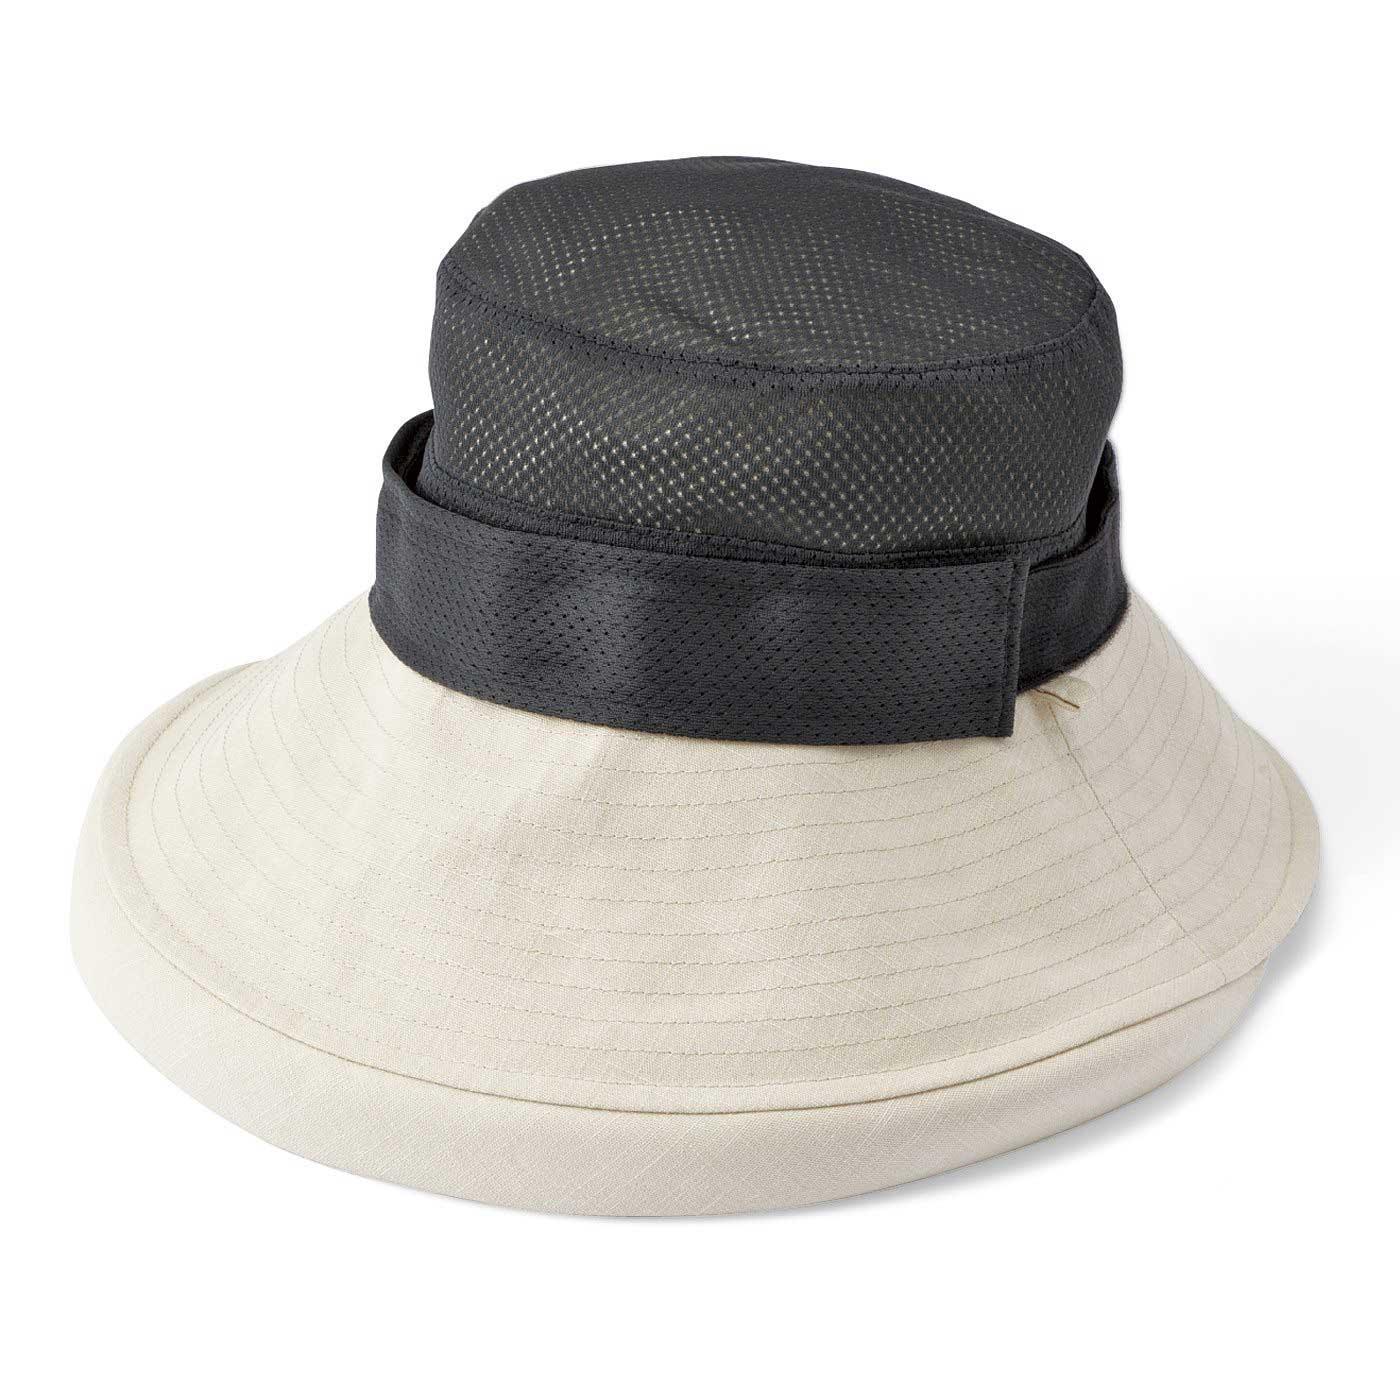 裏側メッシュで快適。着脱可能なライナーで、おでこの汗対策。